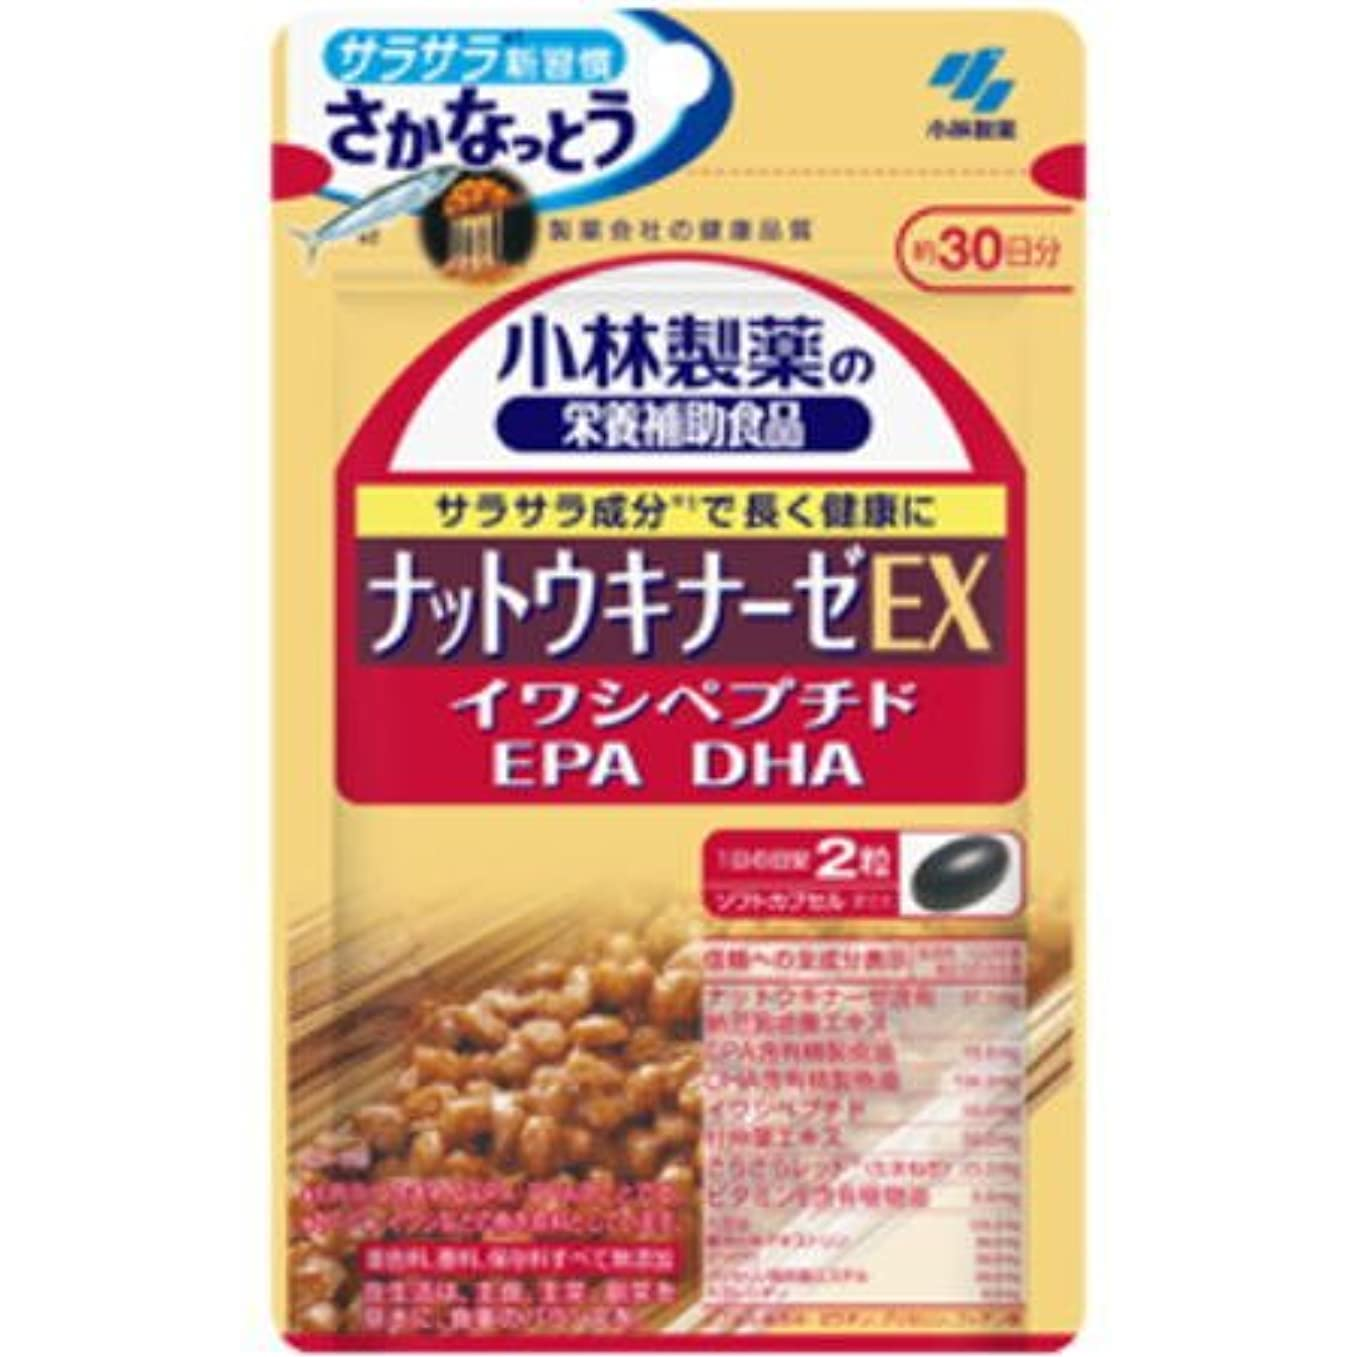 ローブきらきら一晩小林製薬 ナットウキナーゼ EX 60粒×3個セット【ネコポス発送】